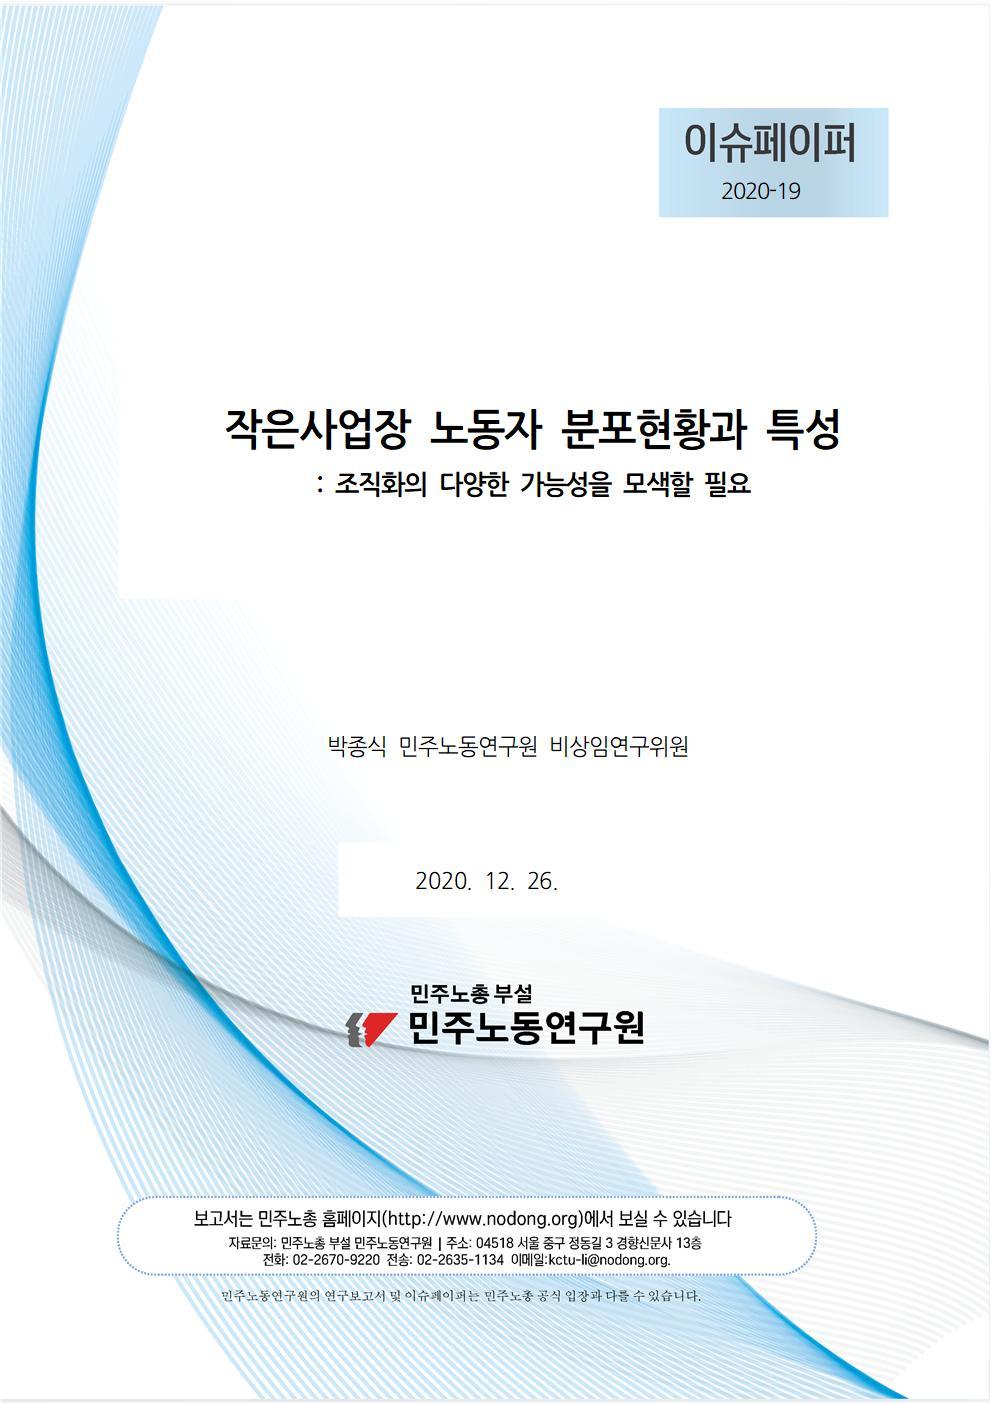 2020_19_작은사업장분포현황_민주노동연구원_이슈페이퍼_박종식_표지001.jpg